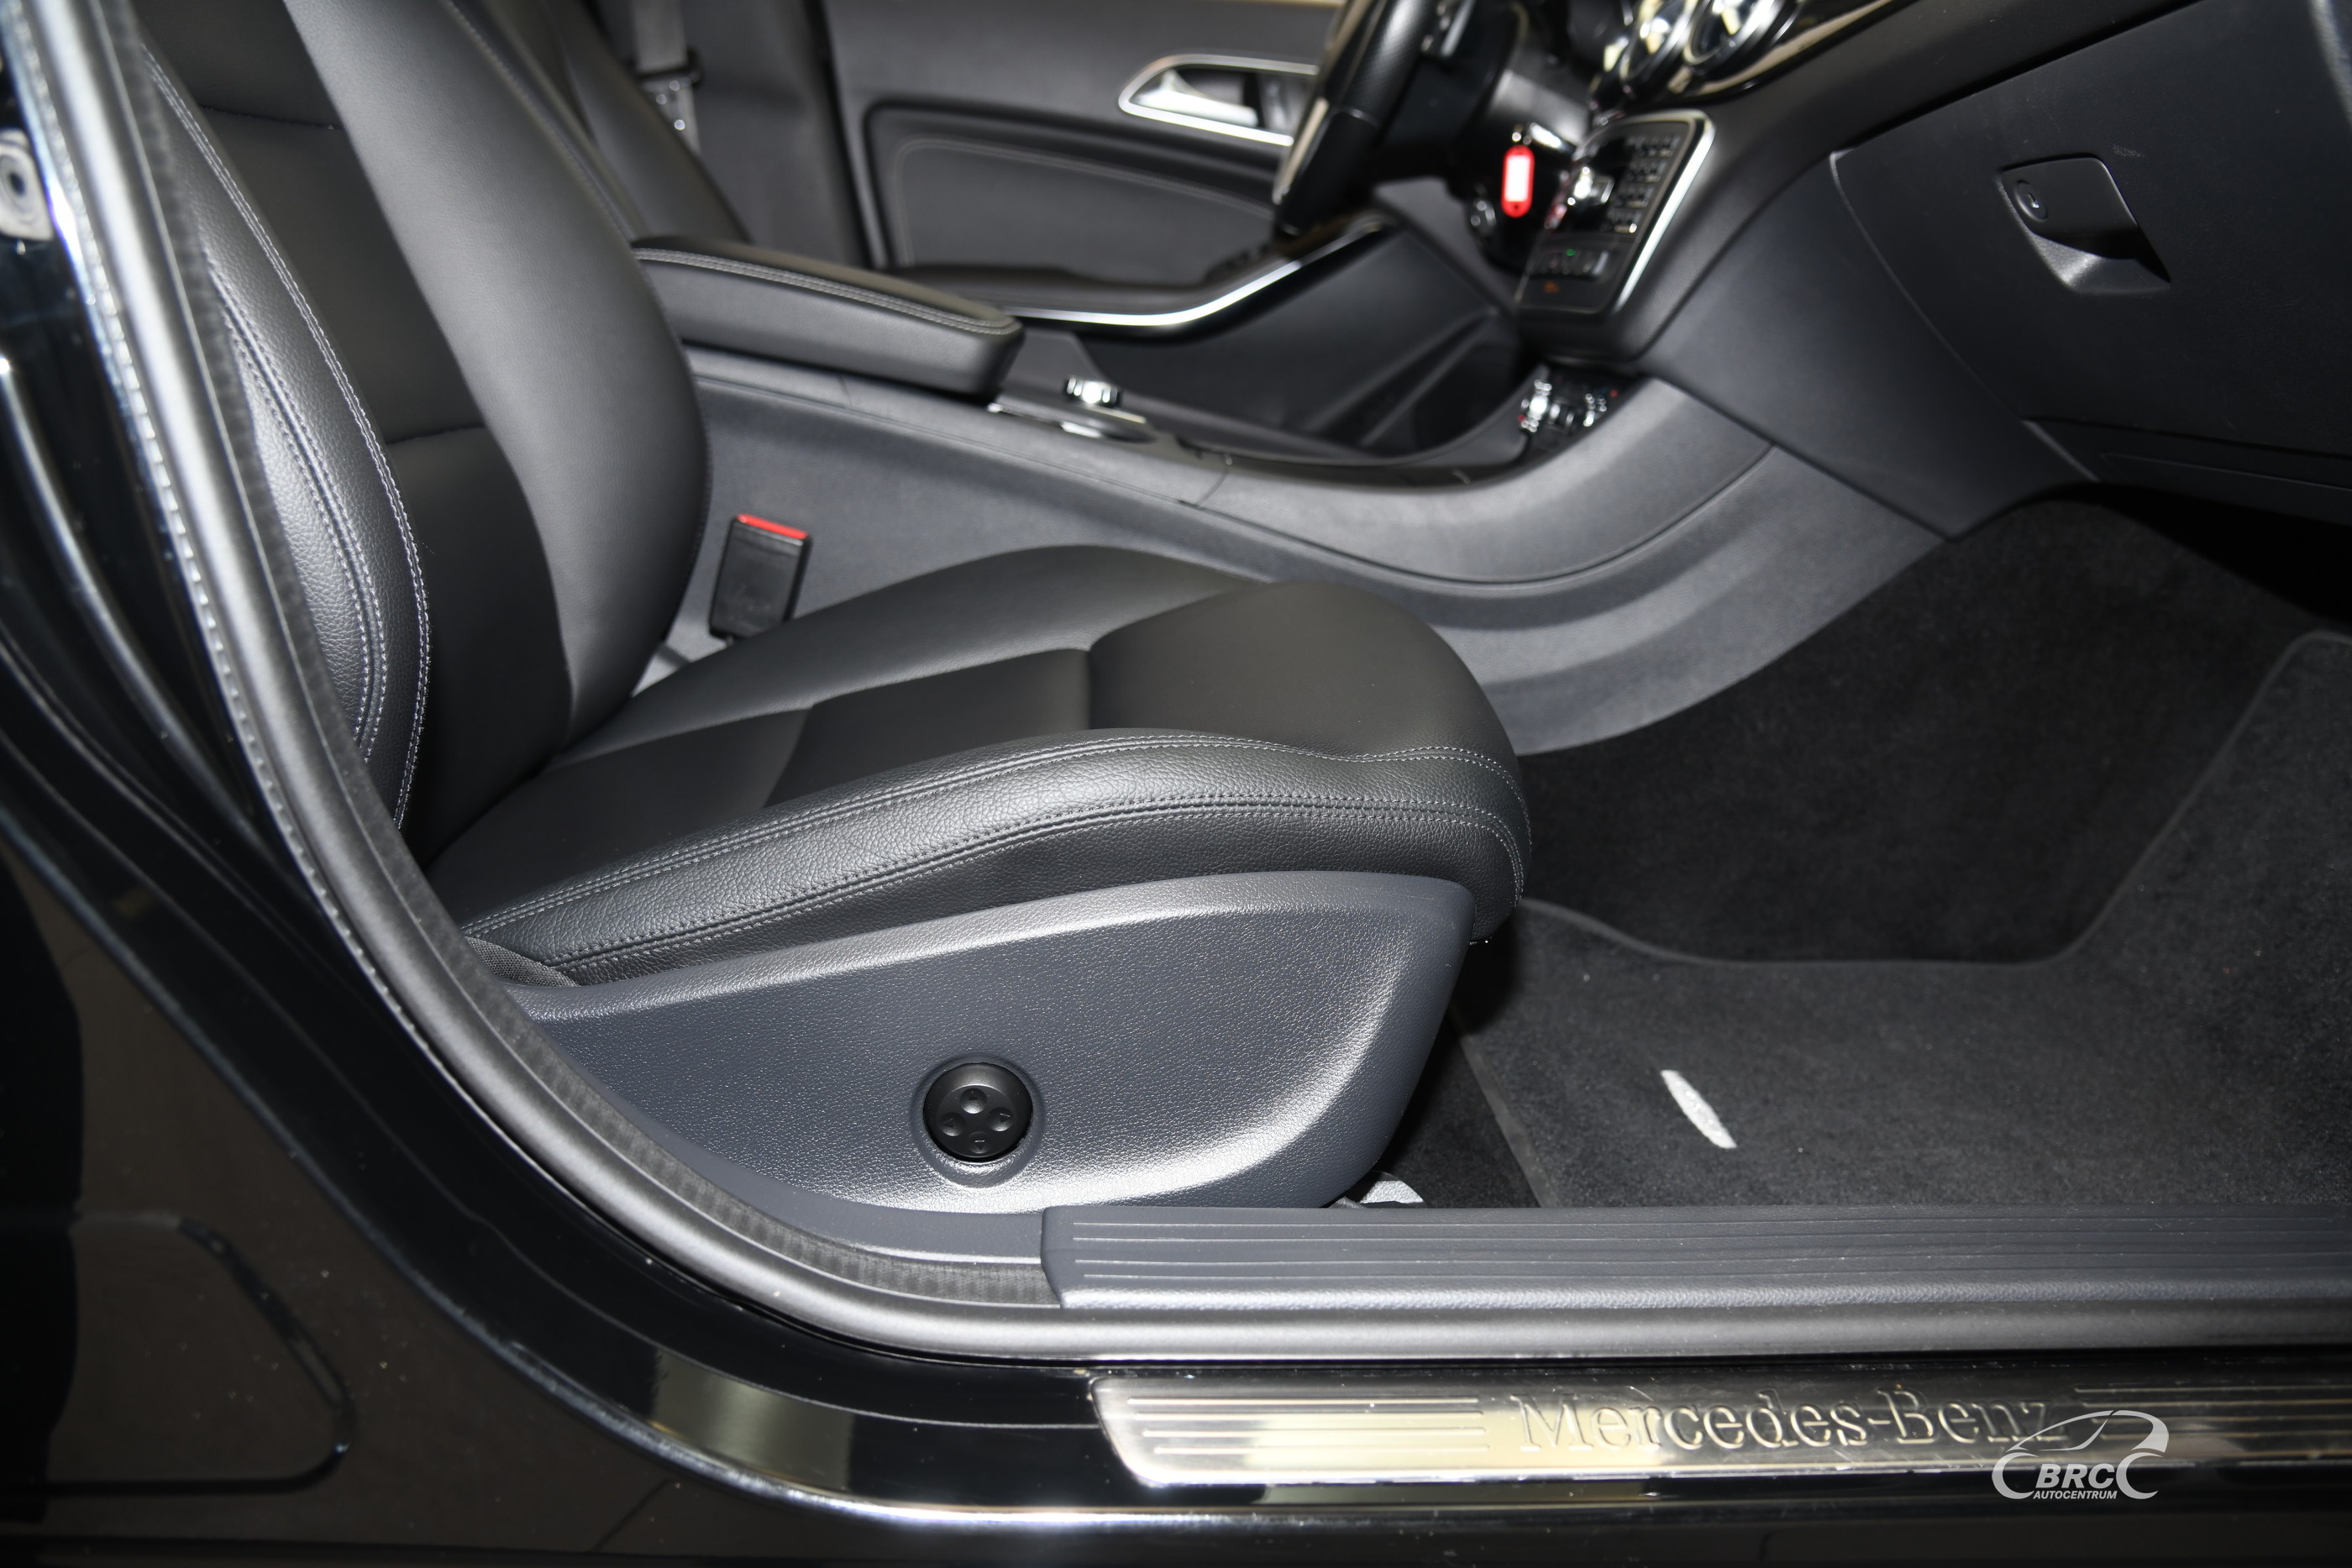 Mercedes-Benz CLA 250 4Matic Automatas